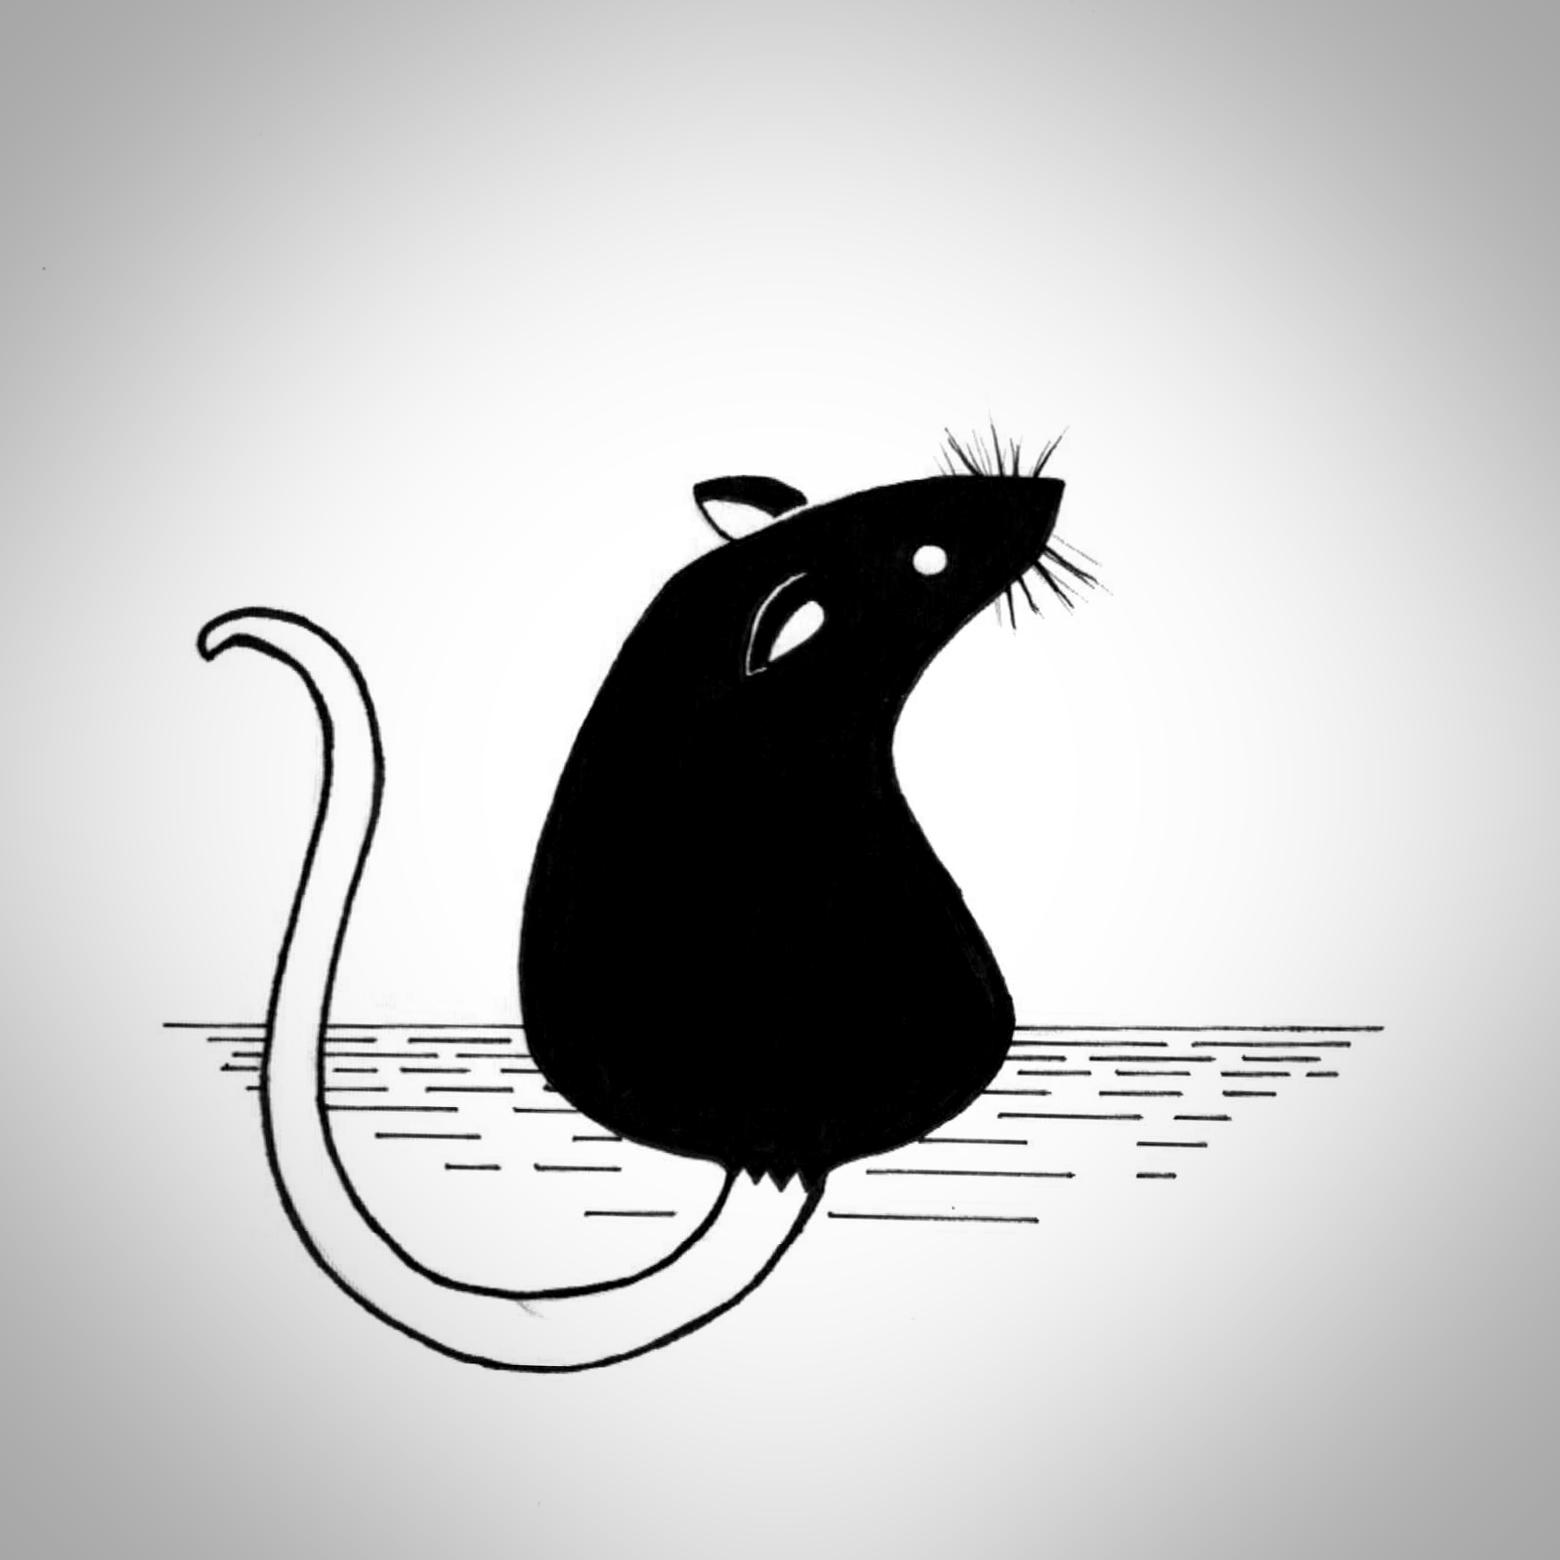 Day 28: Rat